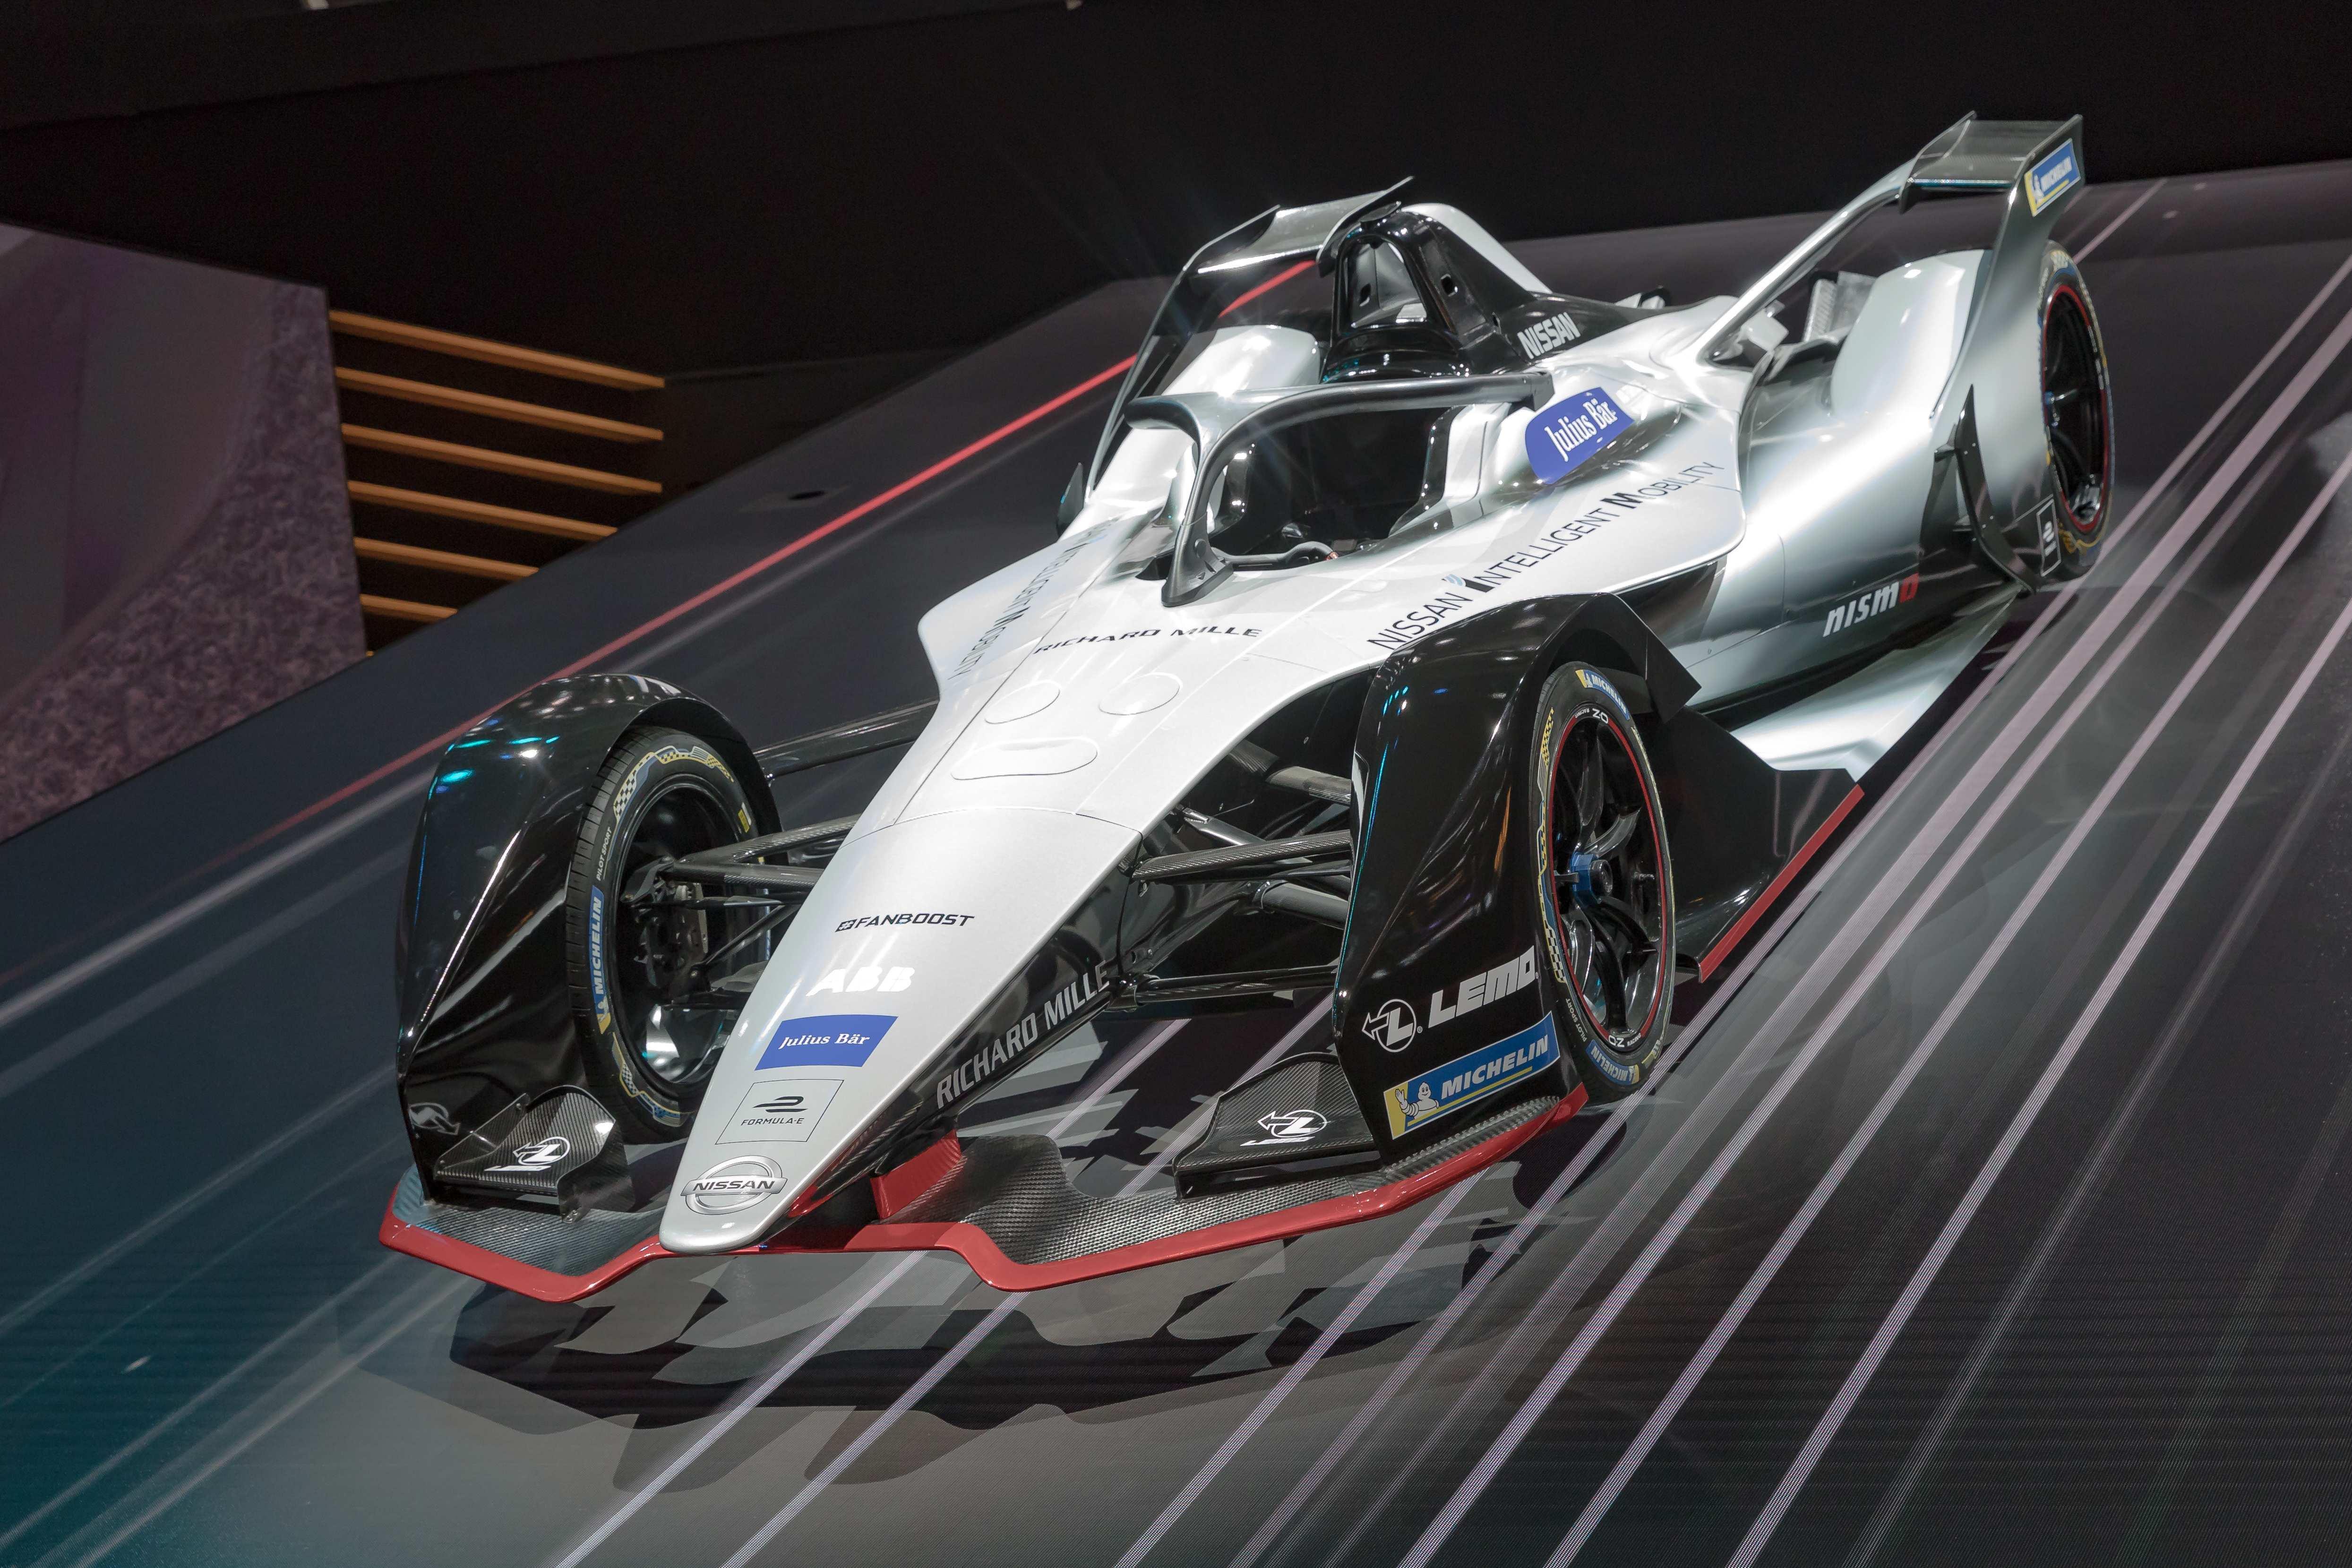 55 Great Mercedes Formula E 2020 Specs with Mercedes Formula E 2020